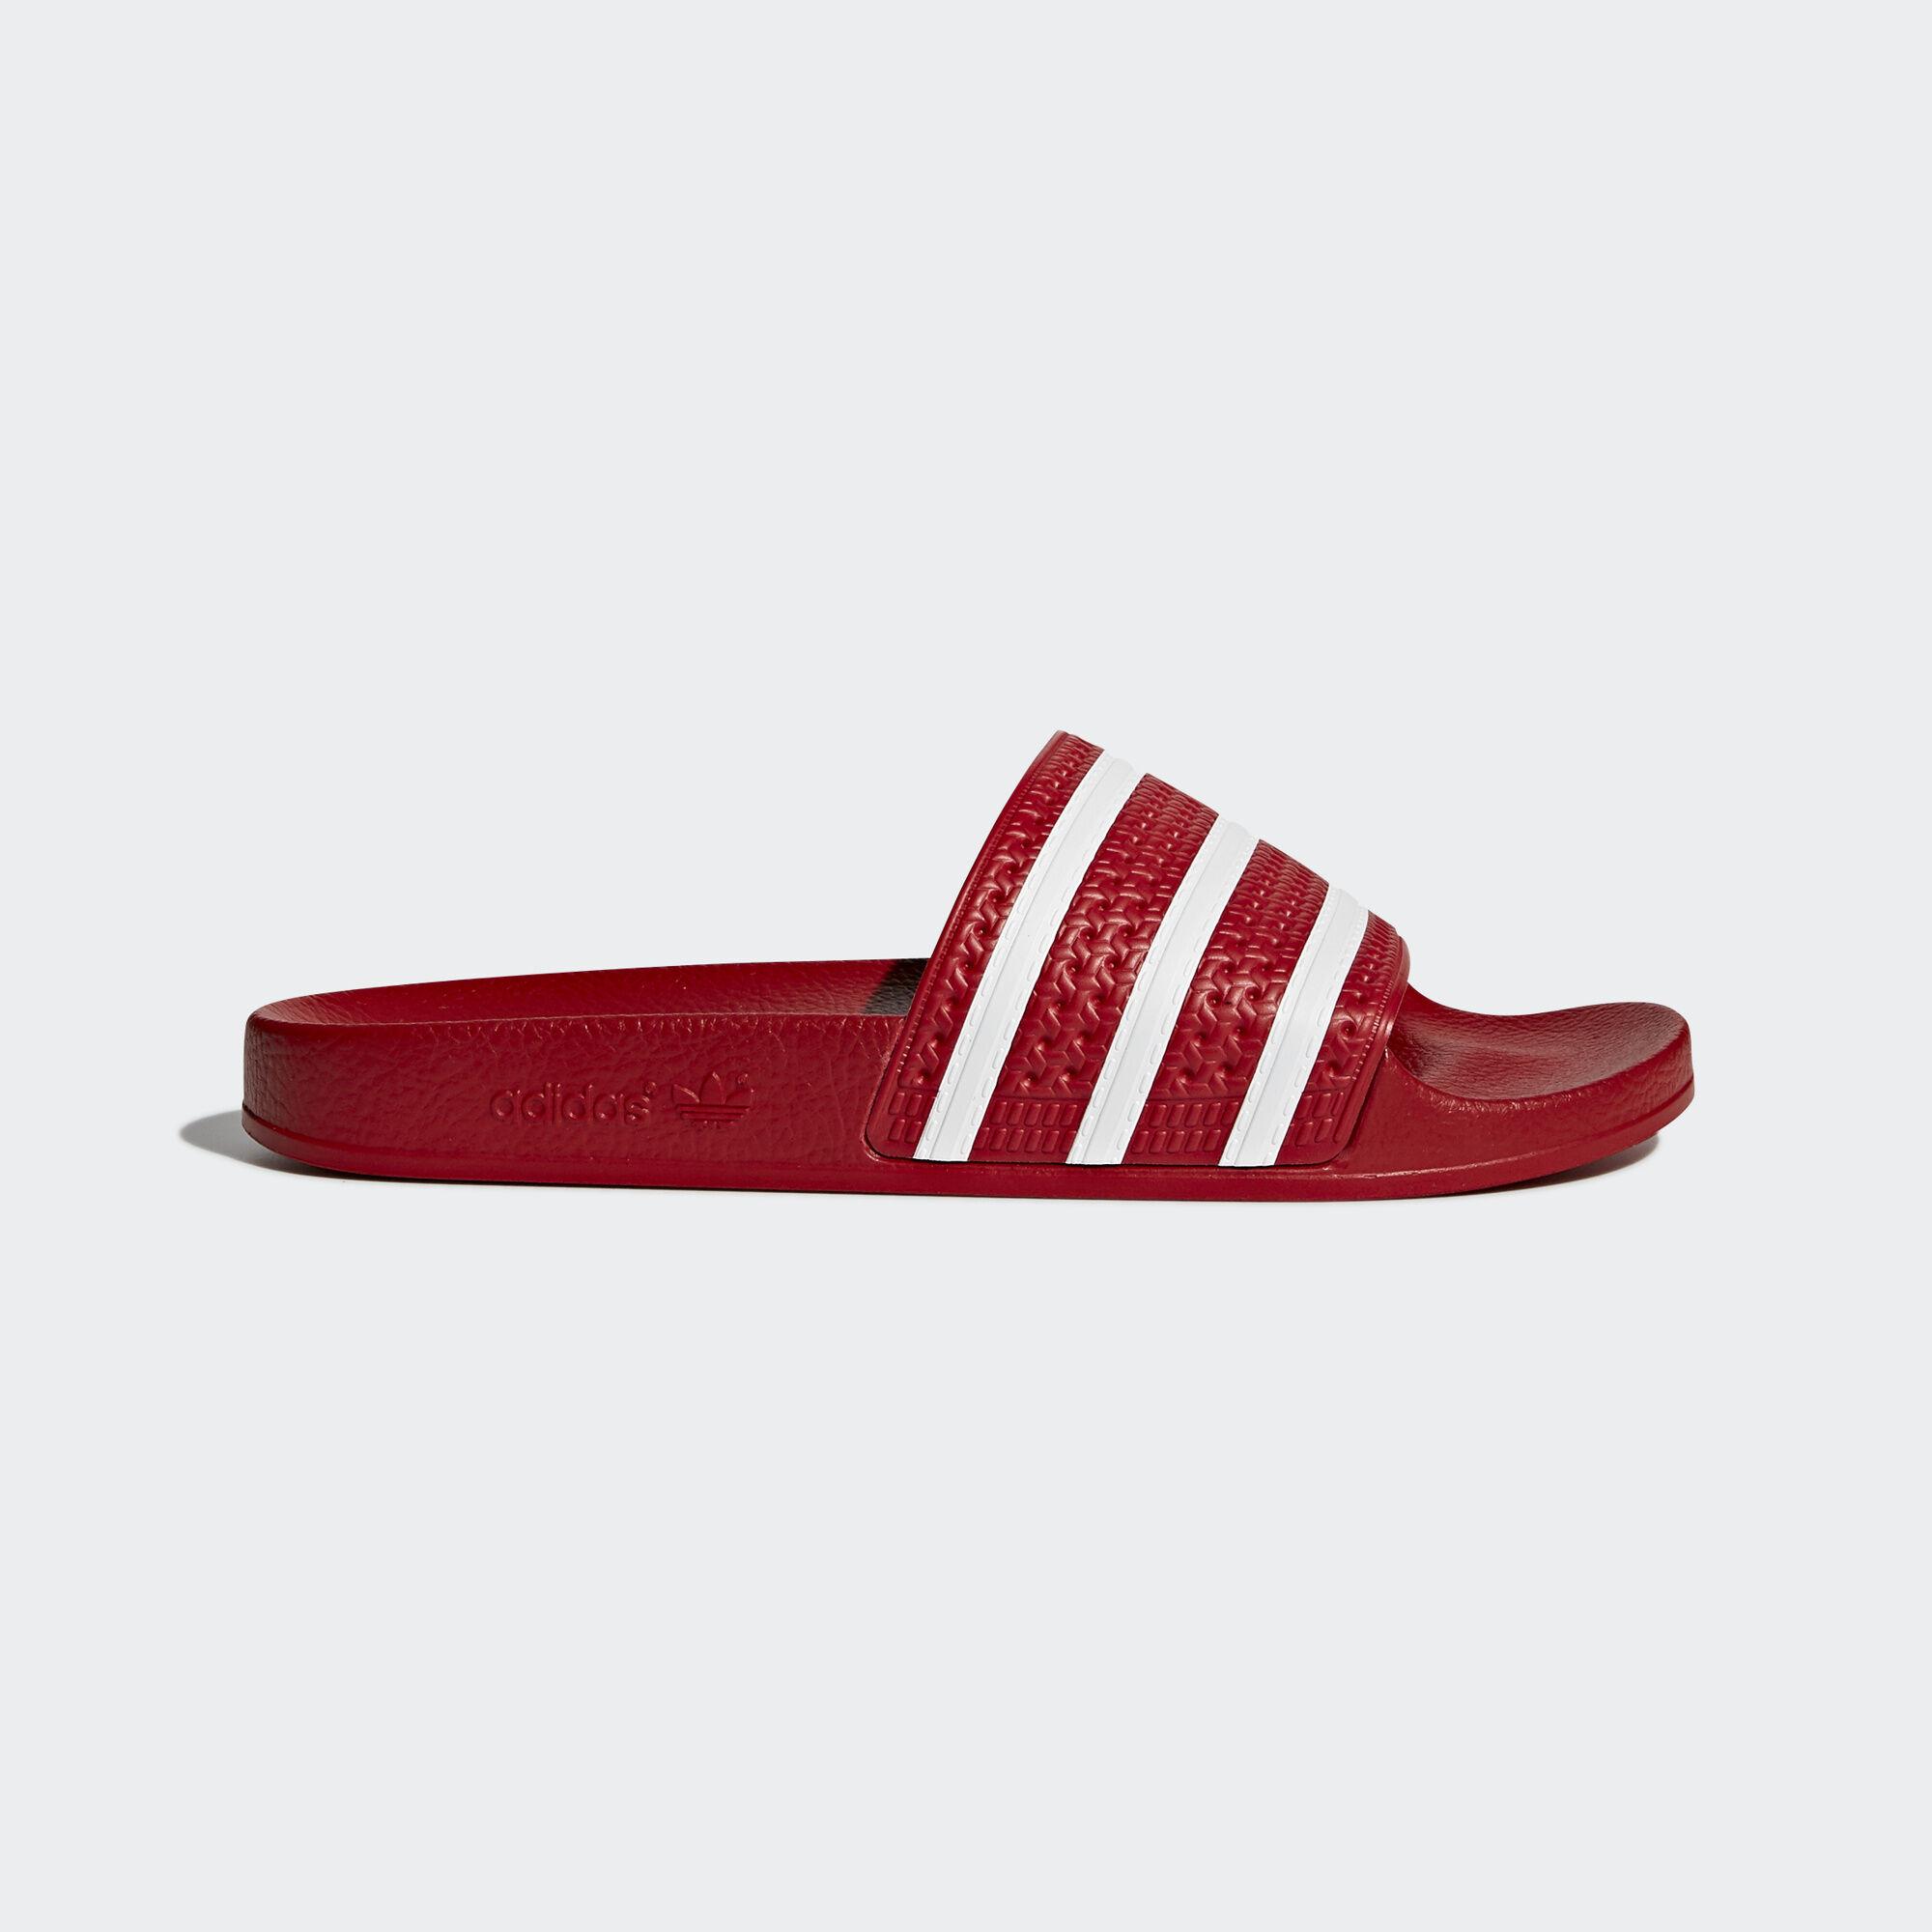 acheter des pantoufles Rouge escompté  > off47% escompté Rouge d'adidas cdf26b